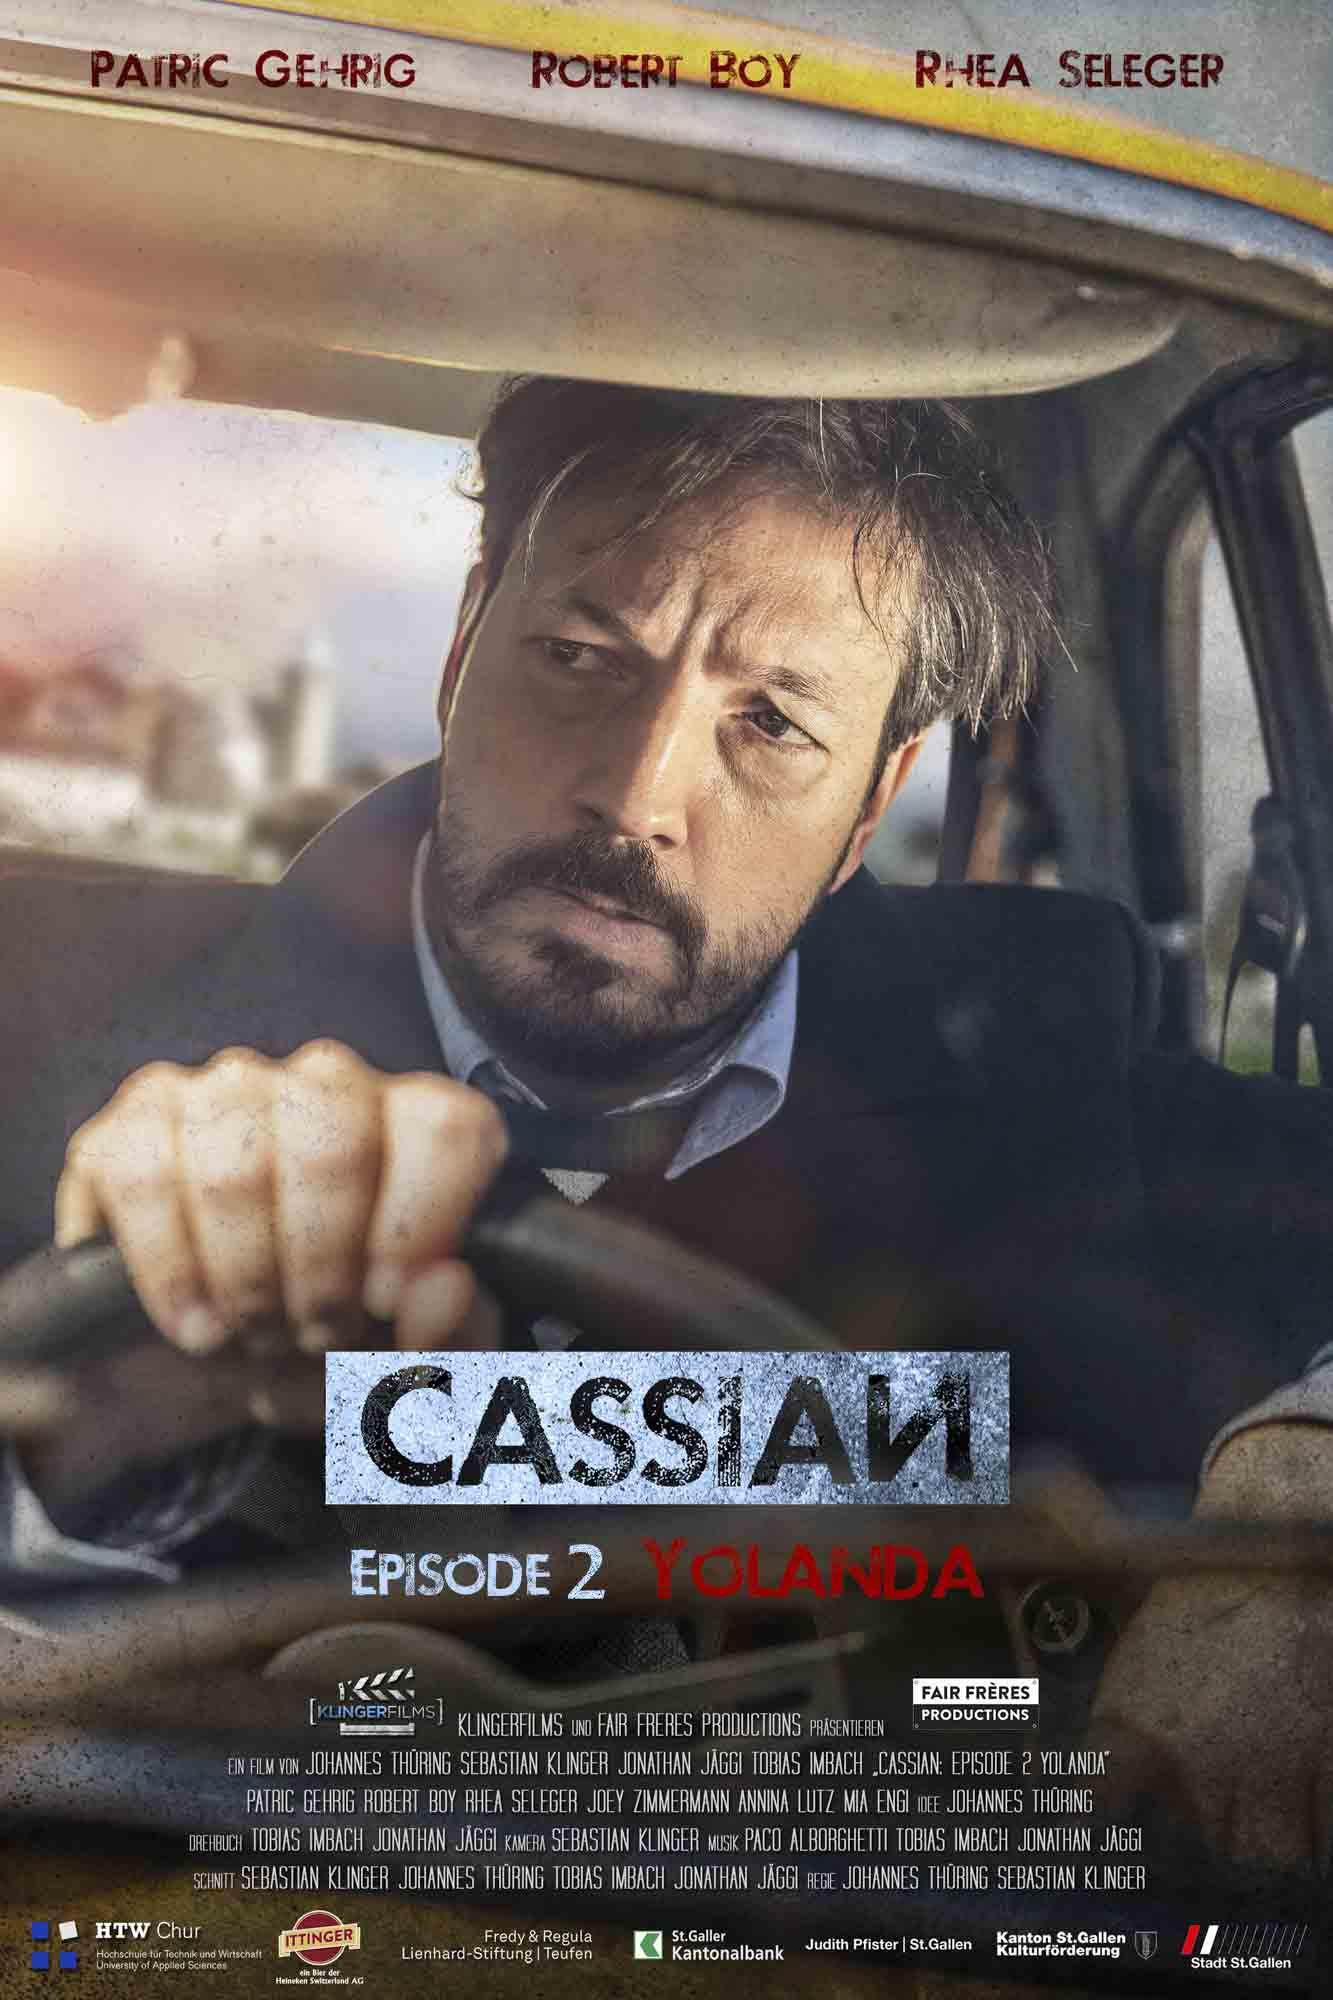 Cassian ∙ Sebastian Klinger Cinematographer